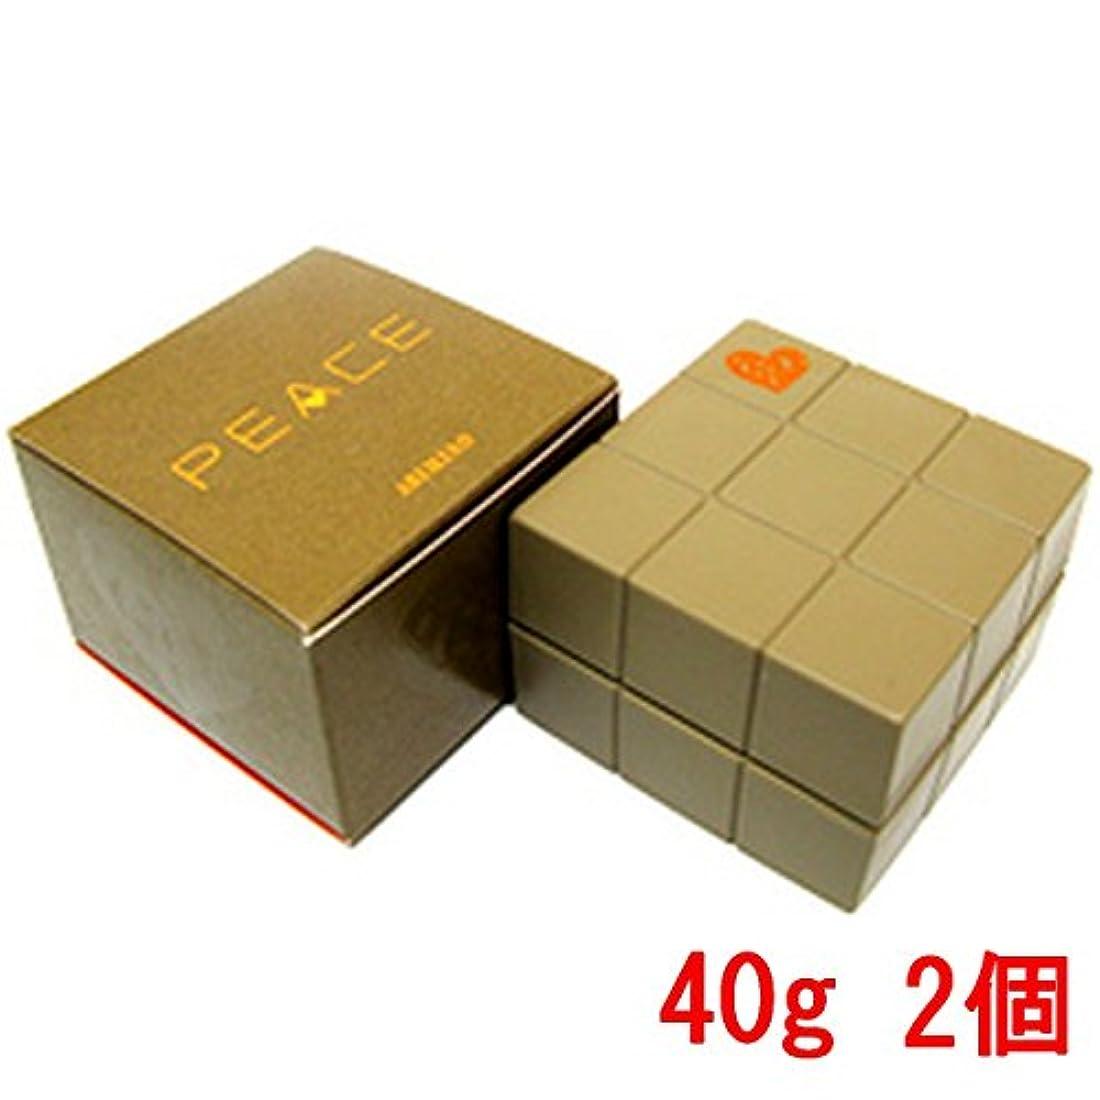 アリミノ ピース プロデザイン ソフトワックス40g ×2個 セット arimino PEACE